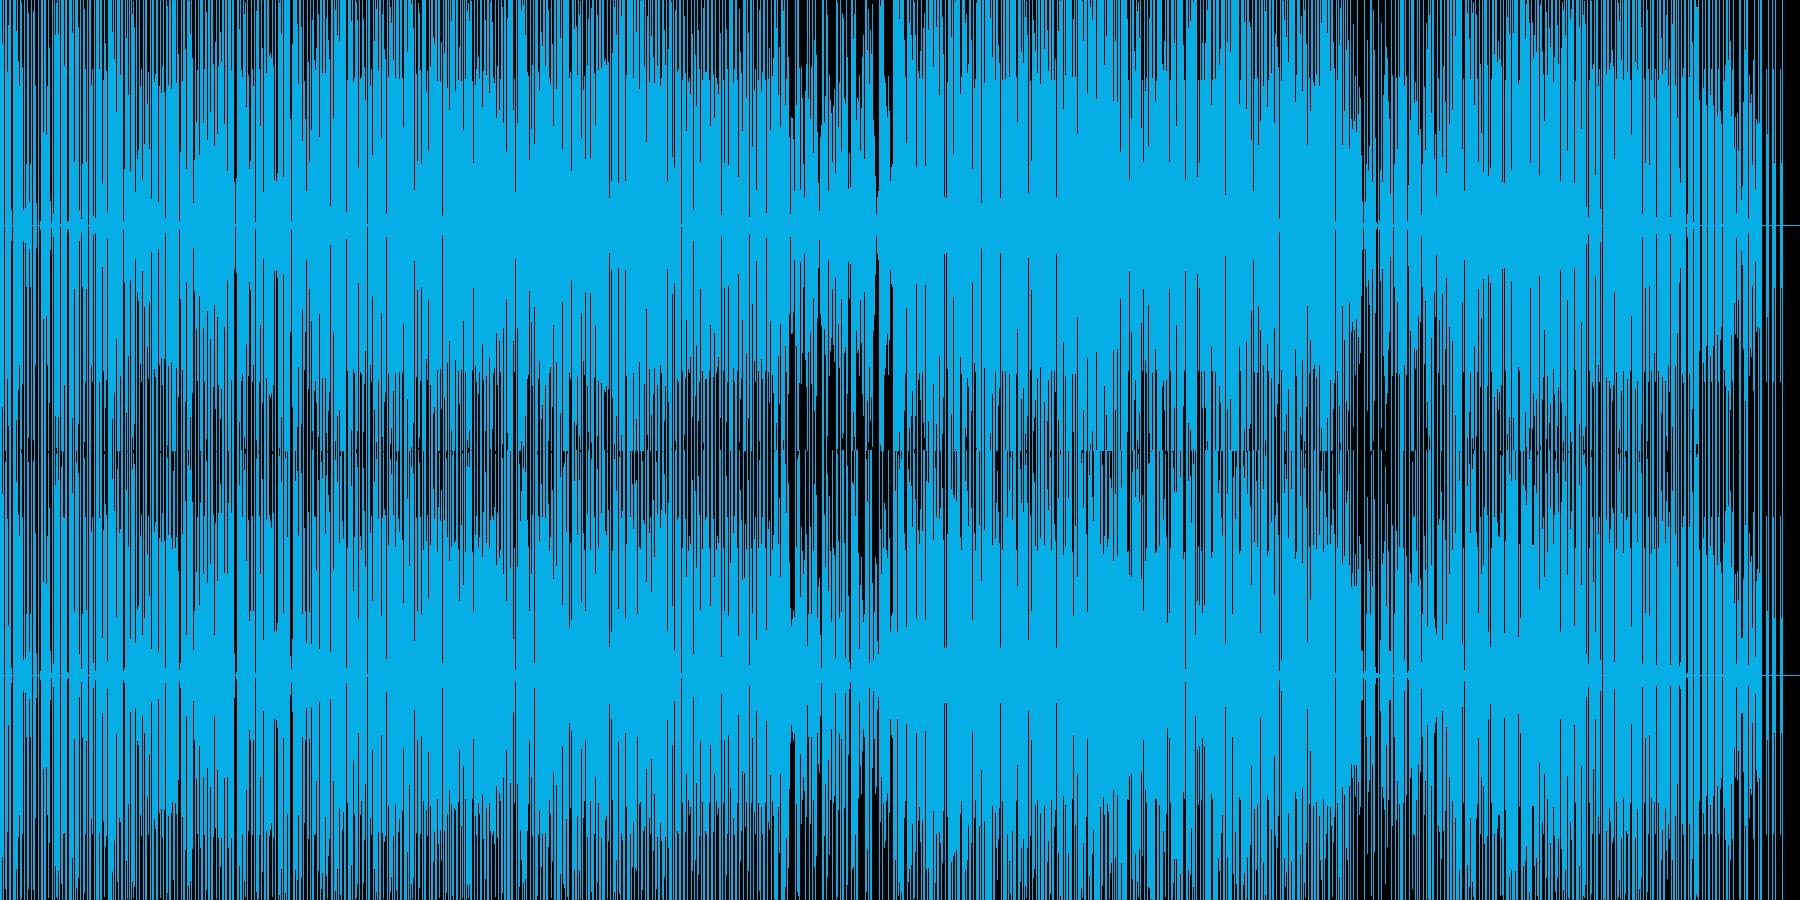 エレクトロニカbreakbeatsの再生済みの波形